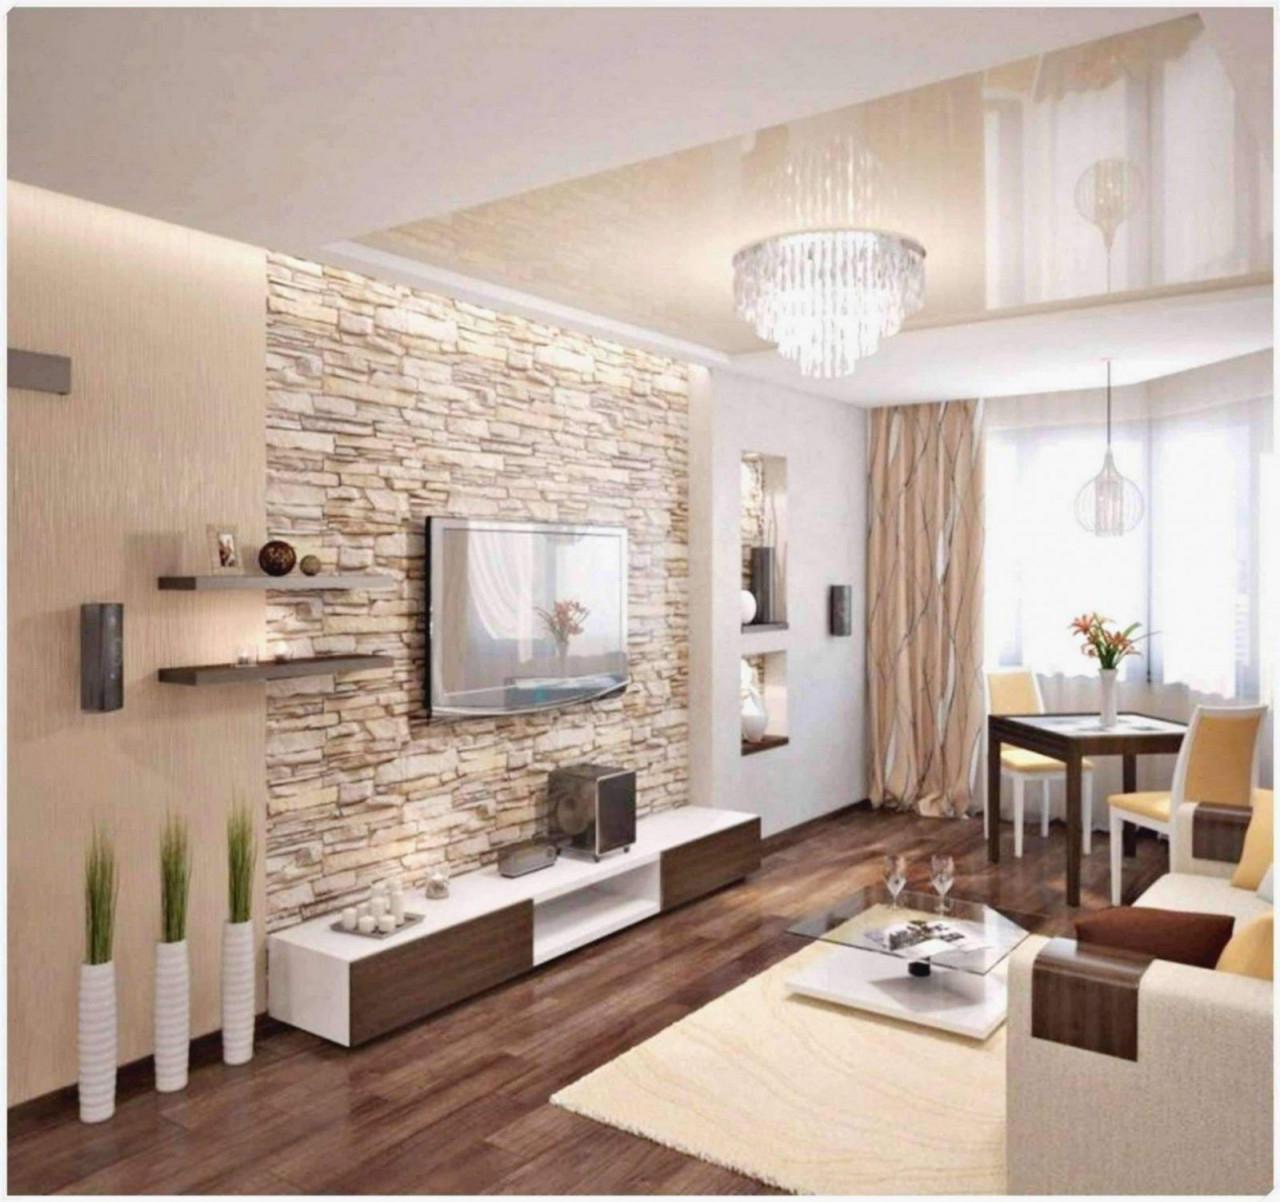 Deko Wand Wohnzimmer Frisch Luxury Dekoration Wohnzimmer Von von Wohnzimmer Wände Modern Gestalten Bild